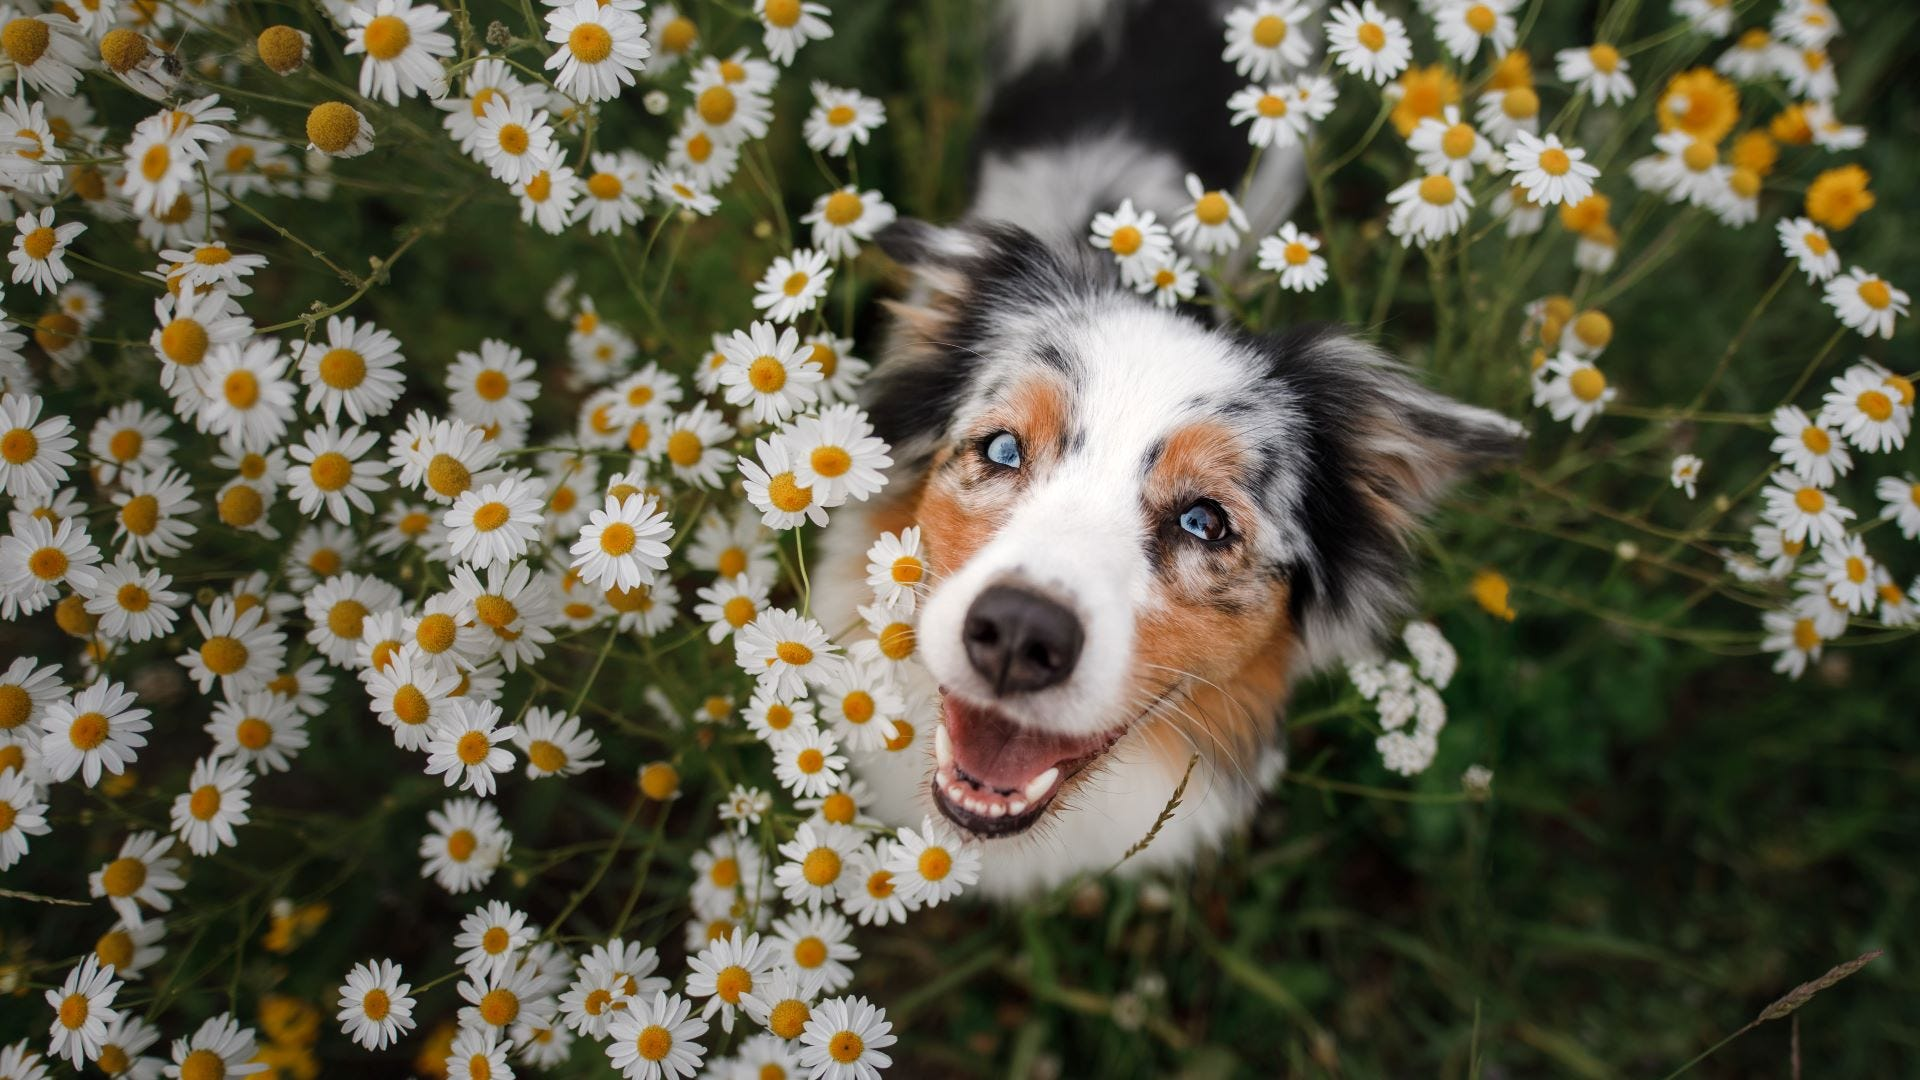 An Australian Shepherd in a field of daisies.